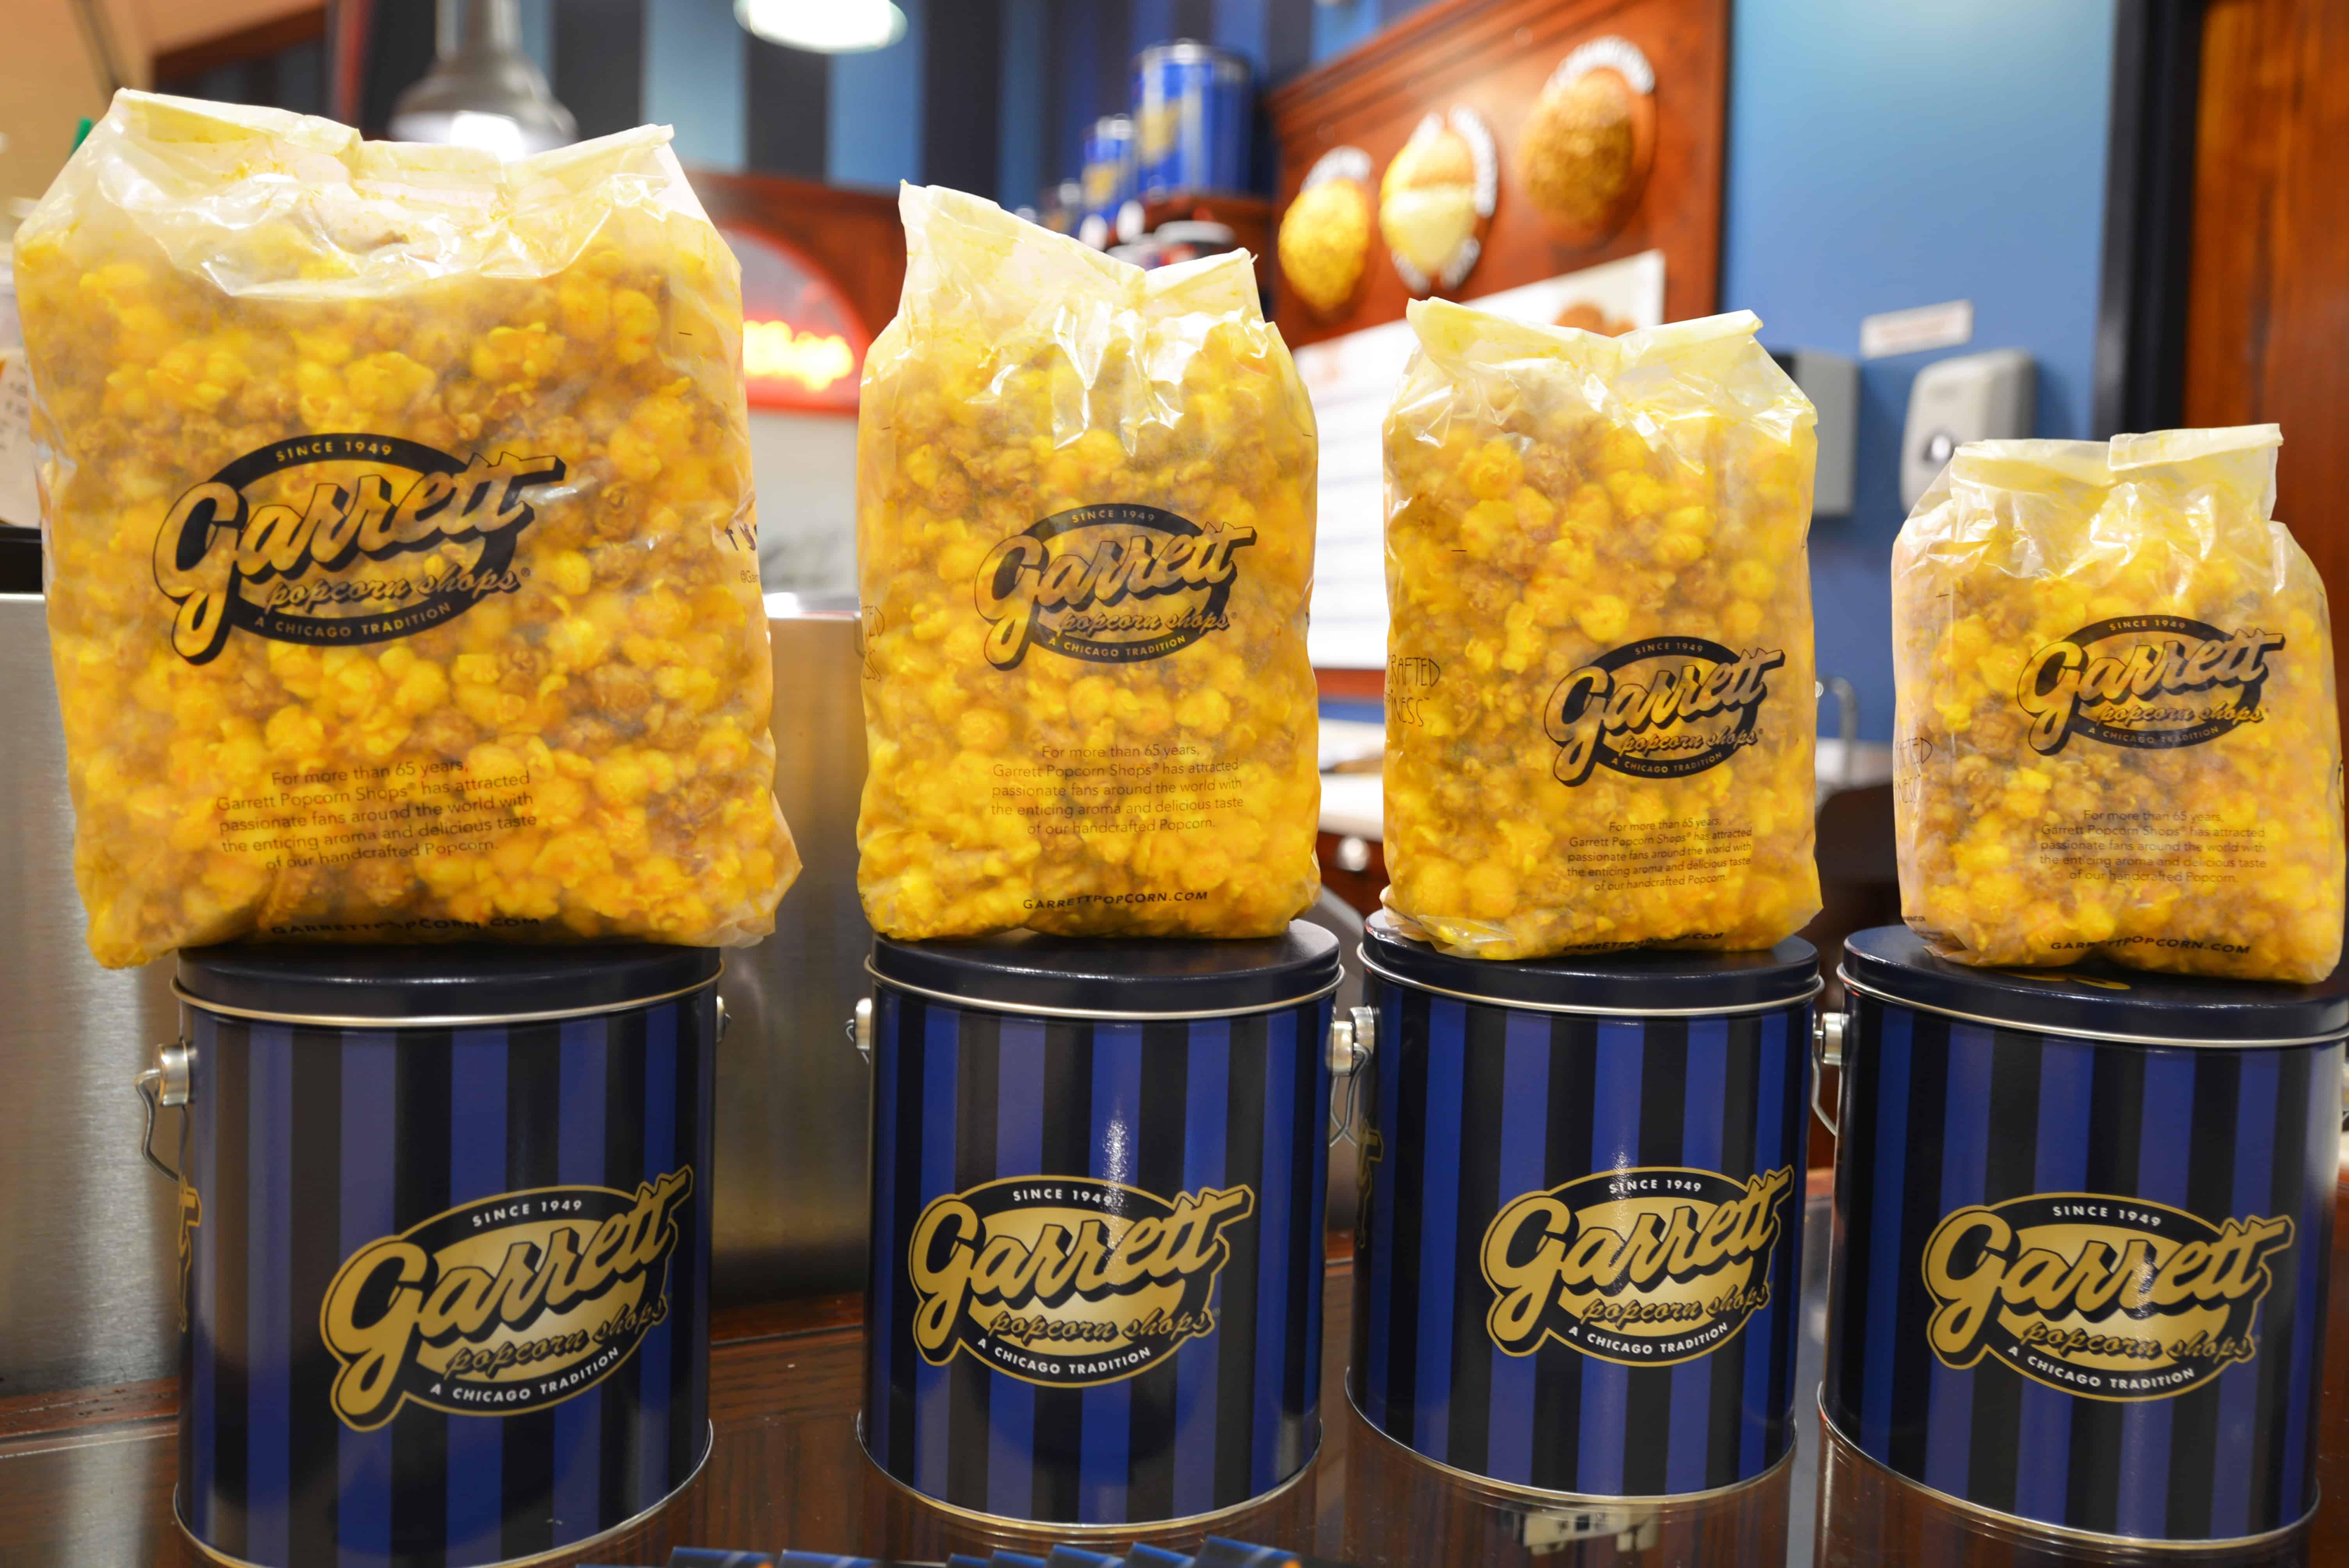 Garrett Gourmet Popcorn